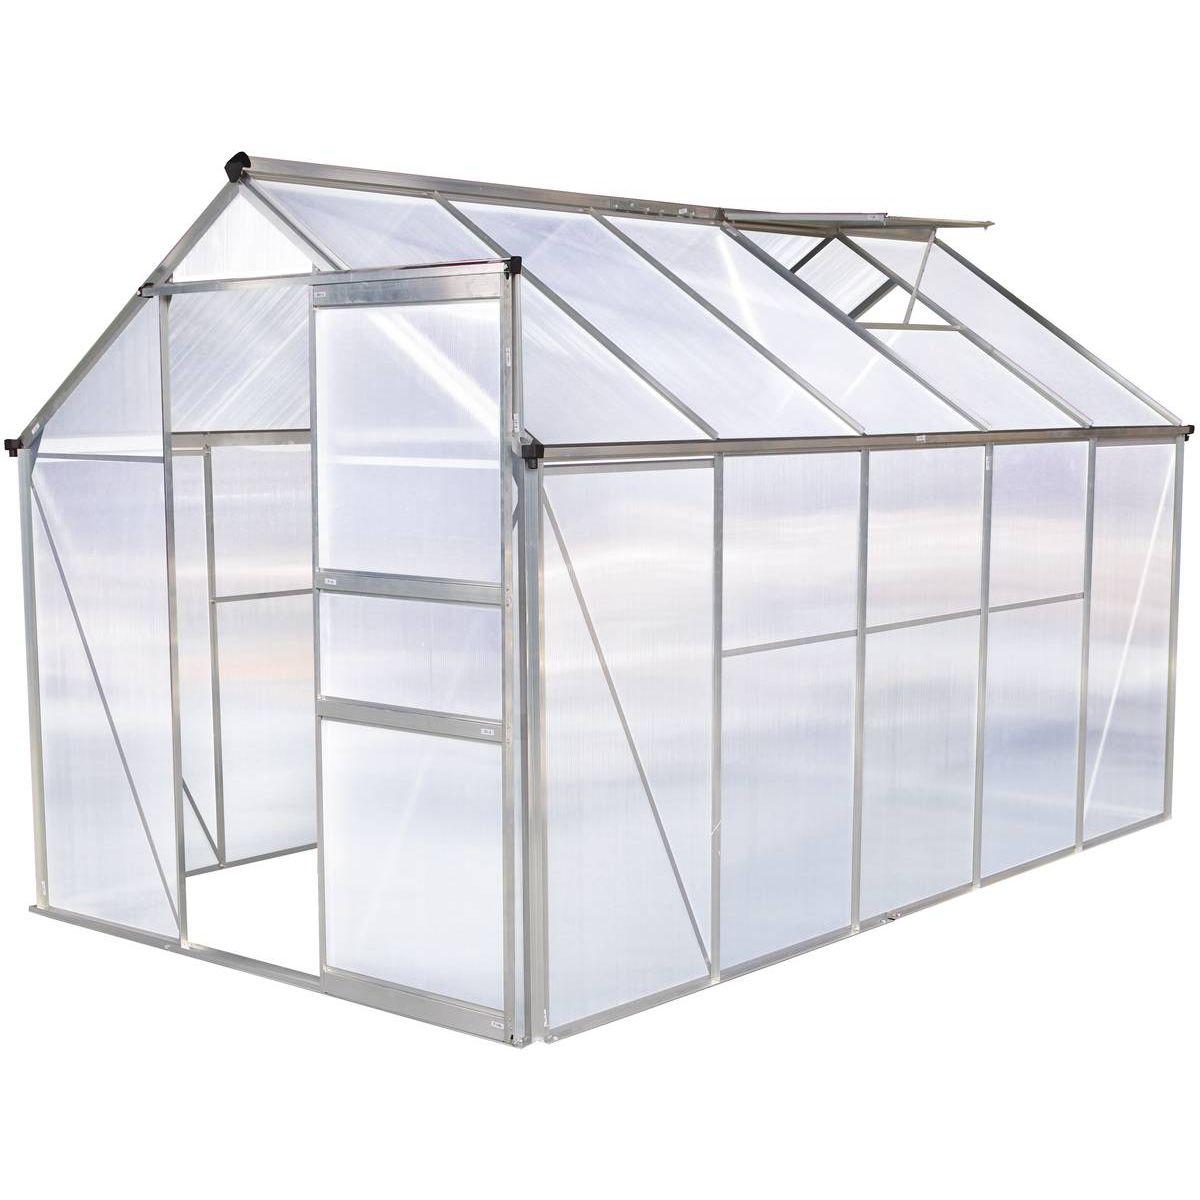 """Serre Jardin Polycarbonate """"hortensia""""6M² - Taille : Taille ... encequiconcerne Serre De Jardin Adossee Solde Promotions"""